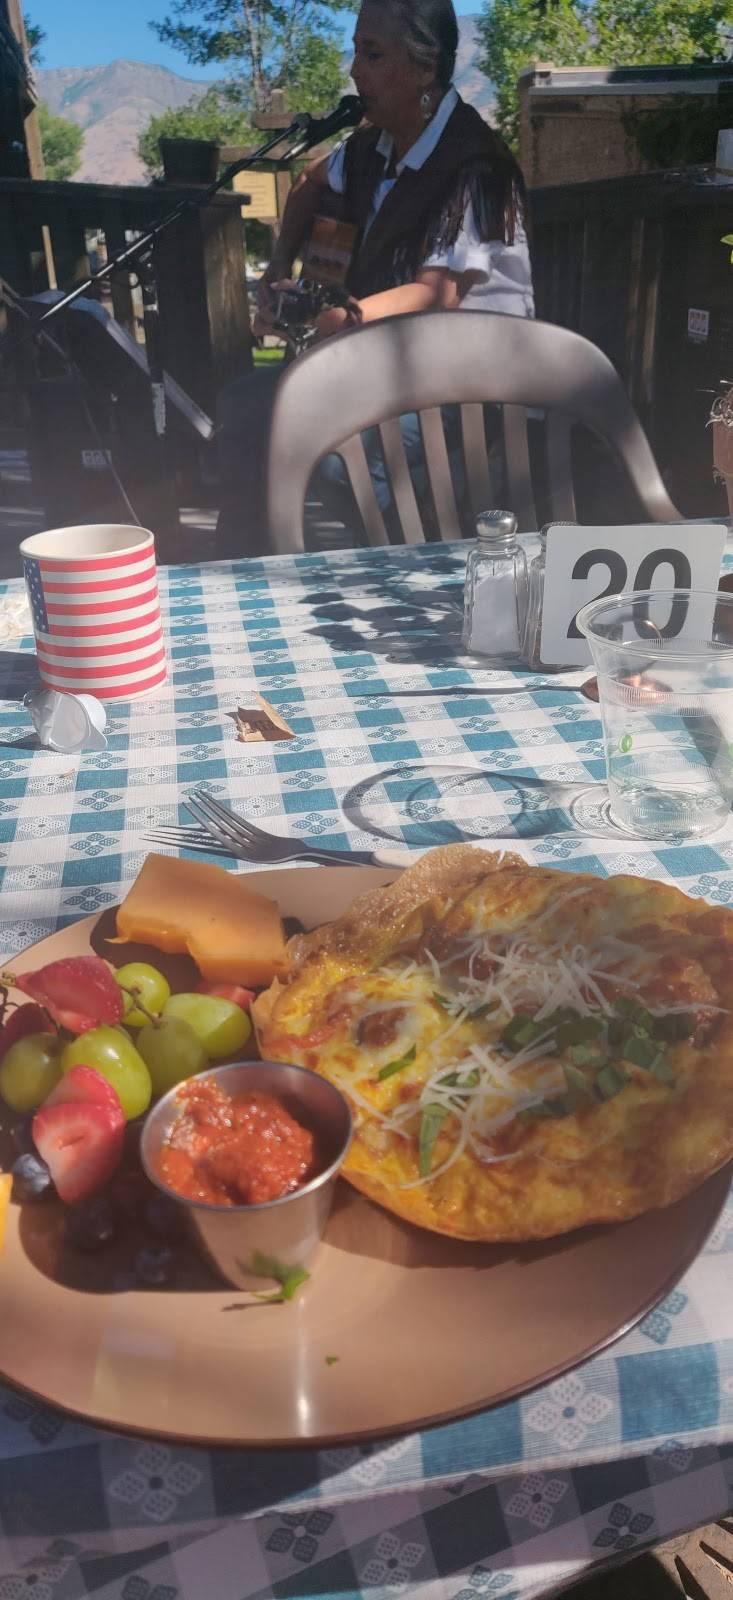 The Blue Coyote | restaurant | 7355 E 200 S, Huntsville, UT 84317, USA | 9544784950 OR +1 954-478-4950